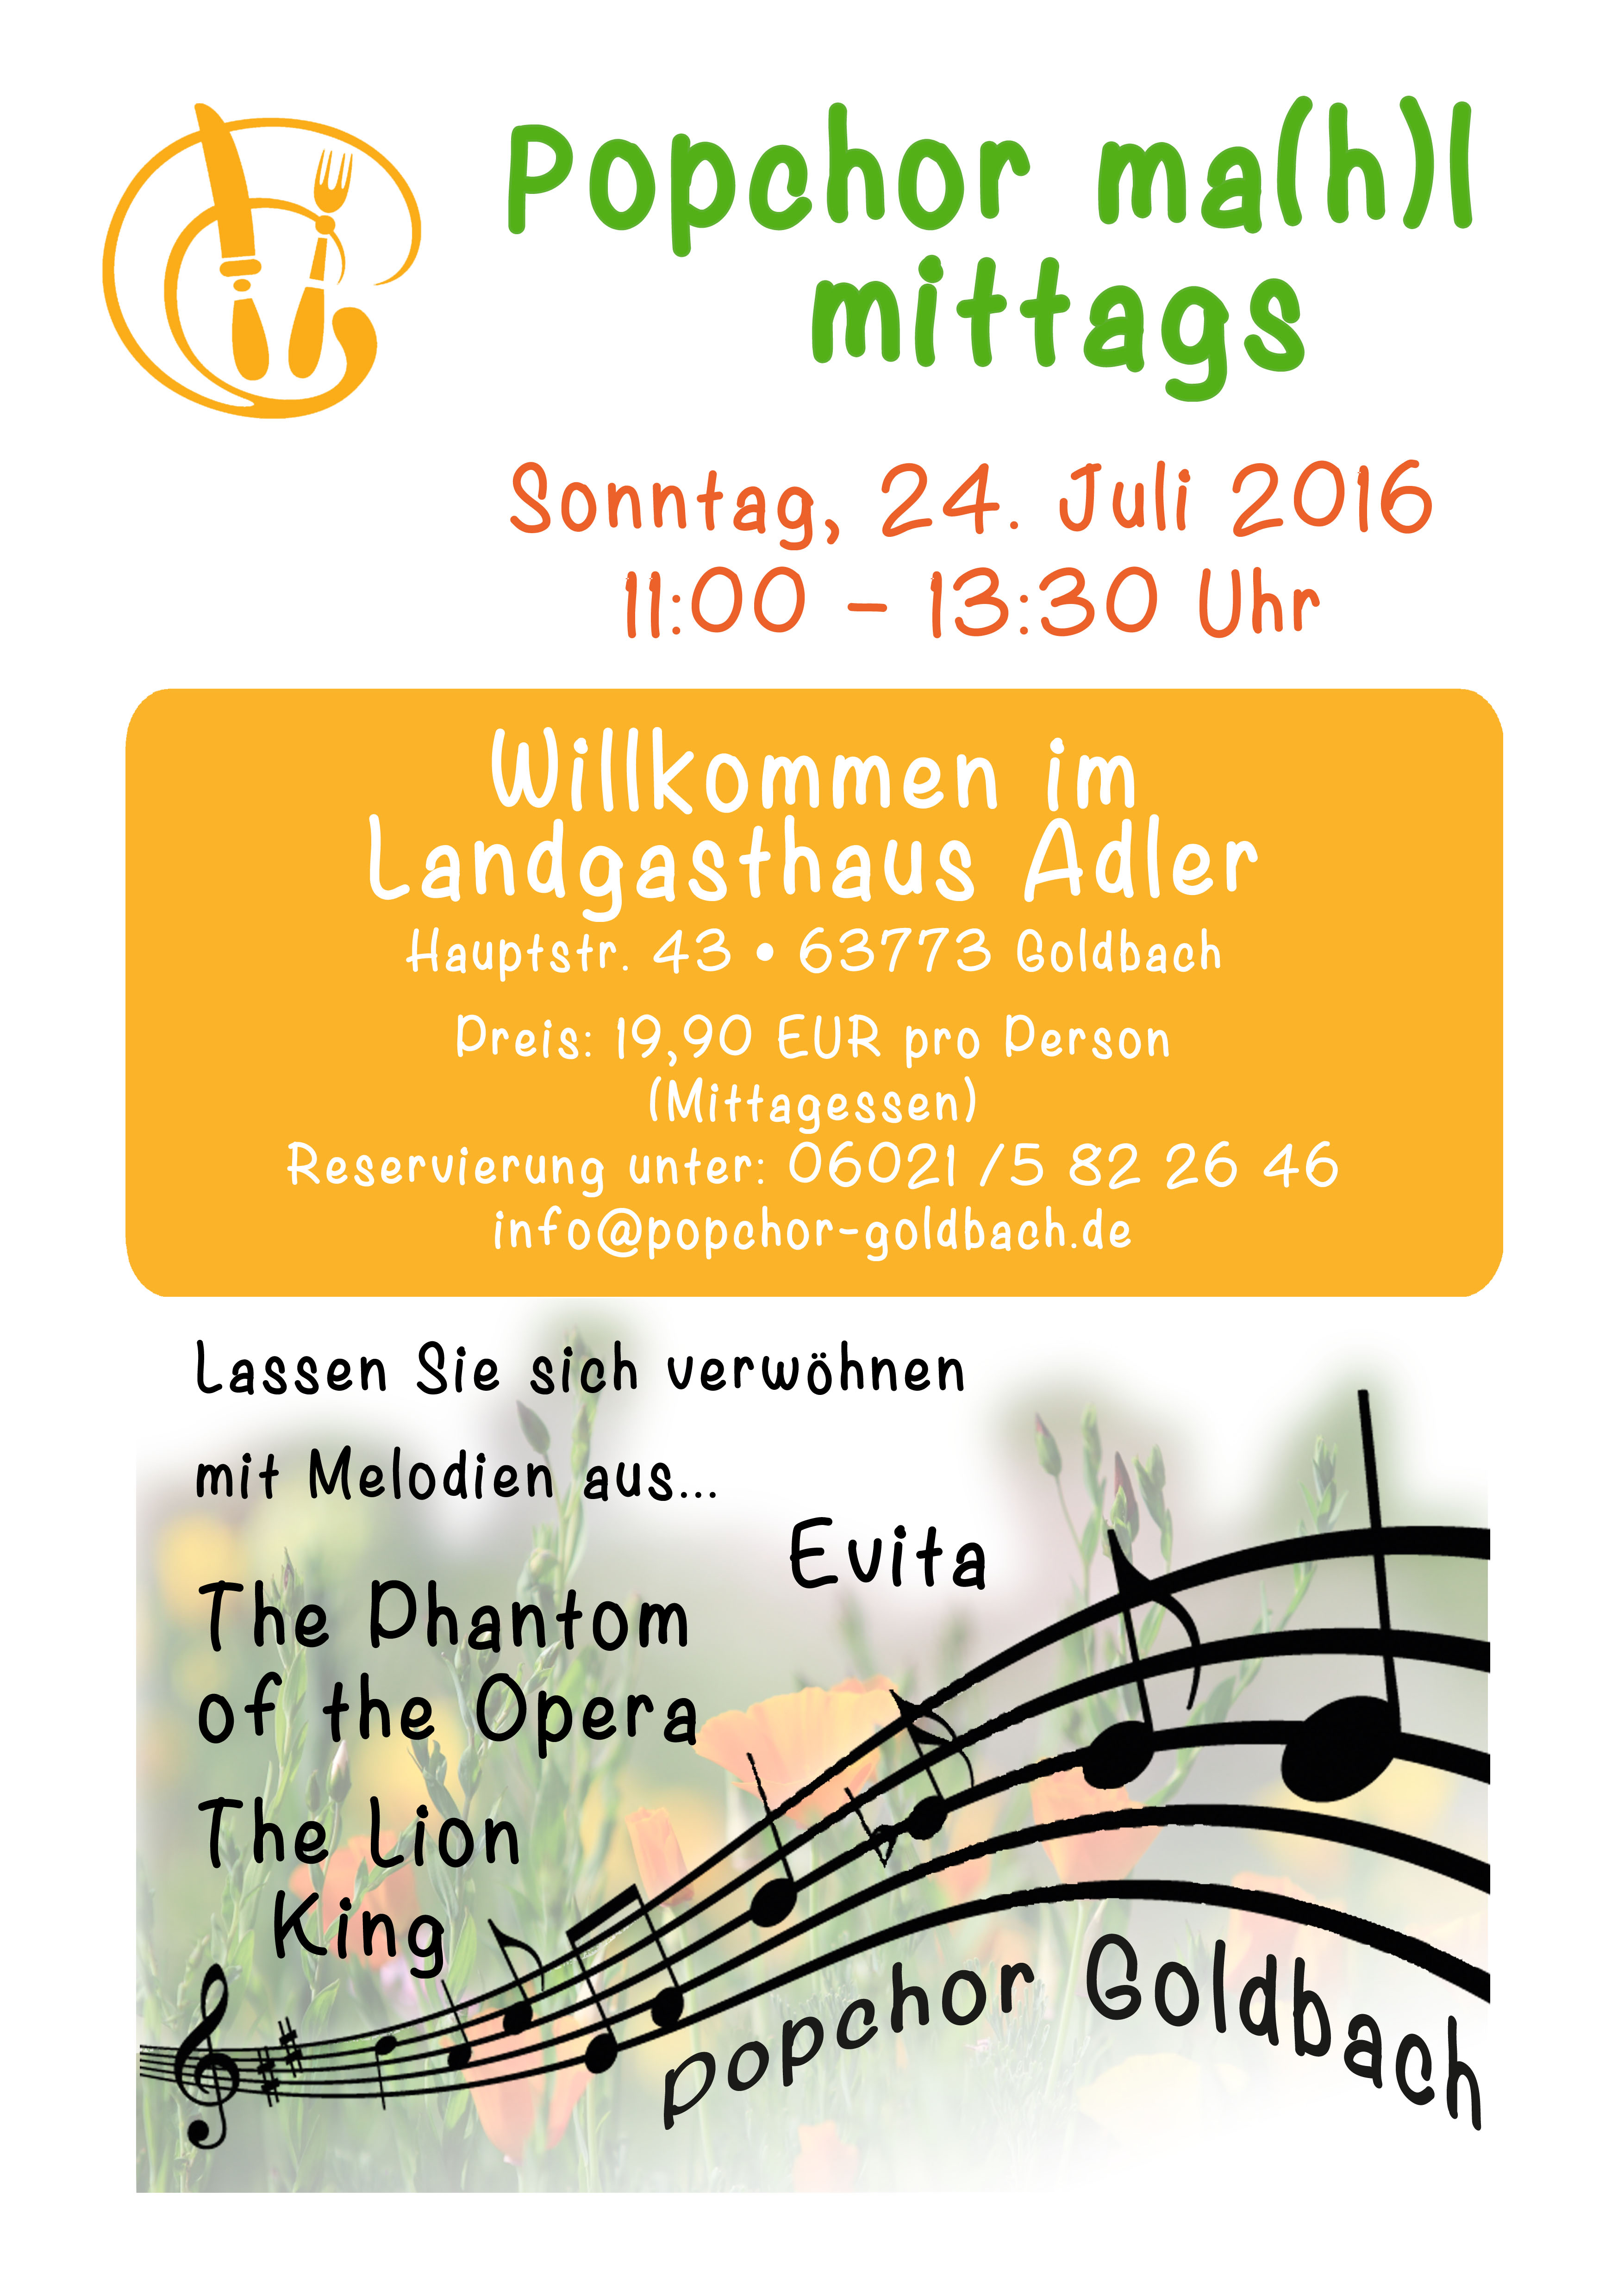 Plakat für Popchor ma(h)l mittags, weitere Infos unter info@popchor-goldbach.de